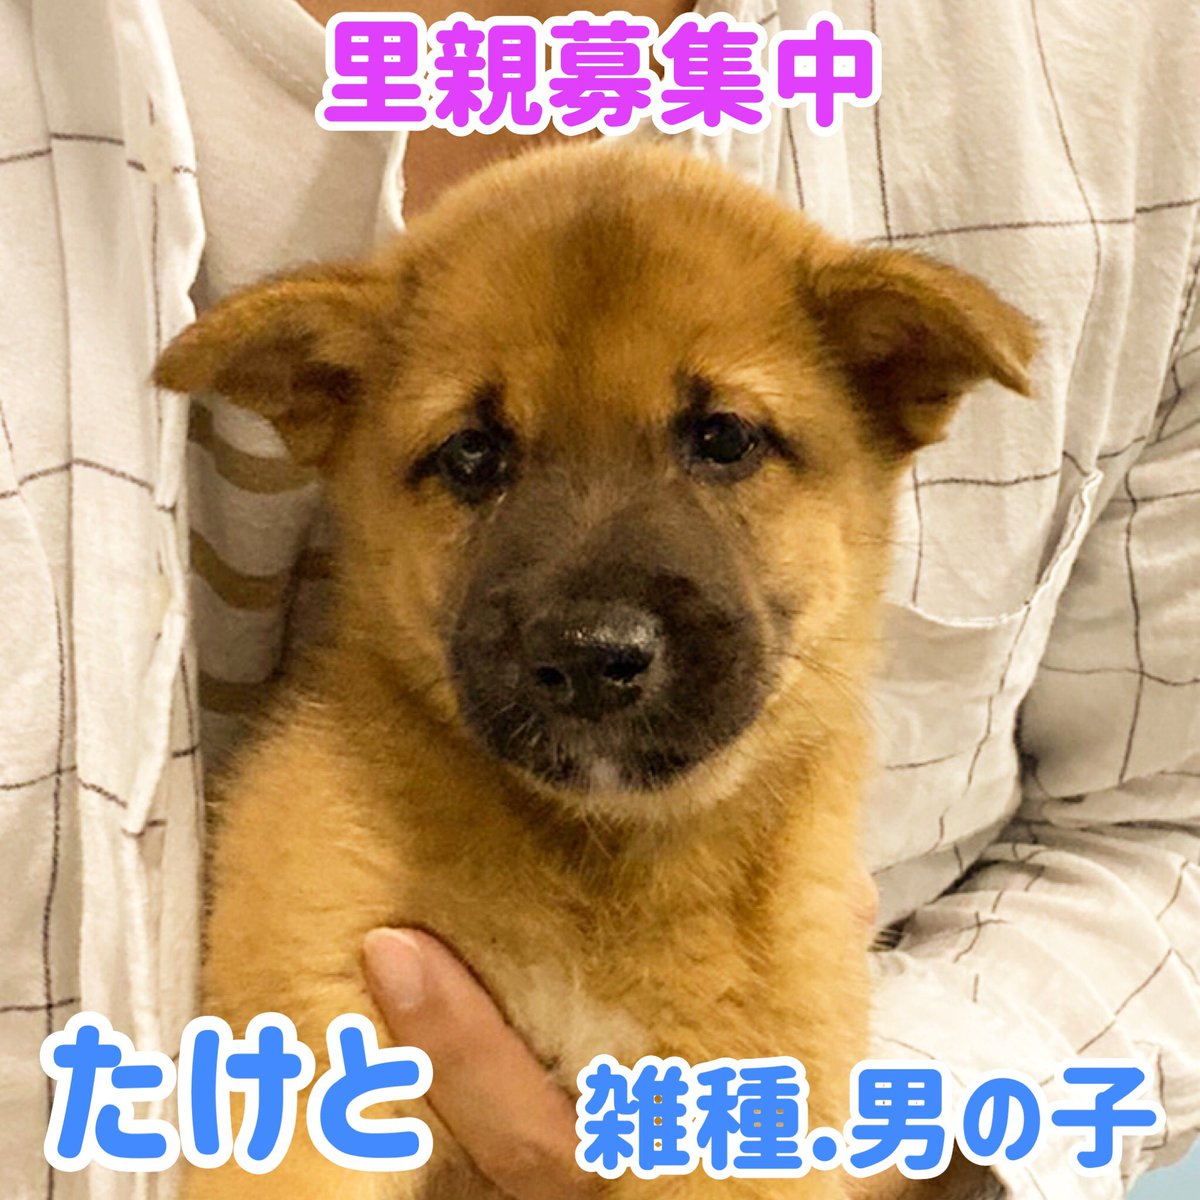 里親 大阪 子犬 無料